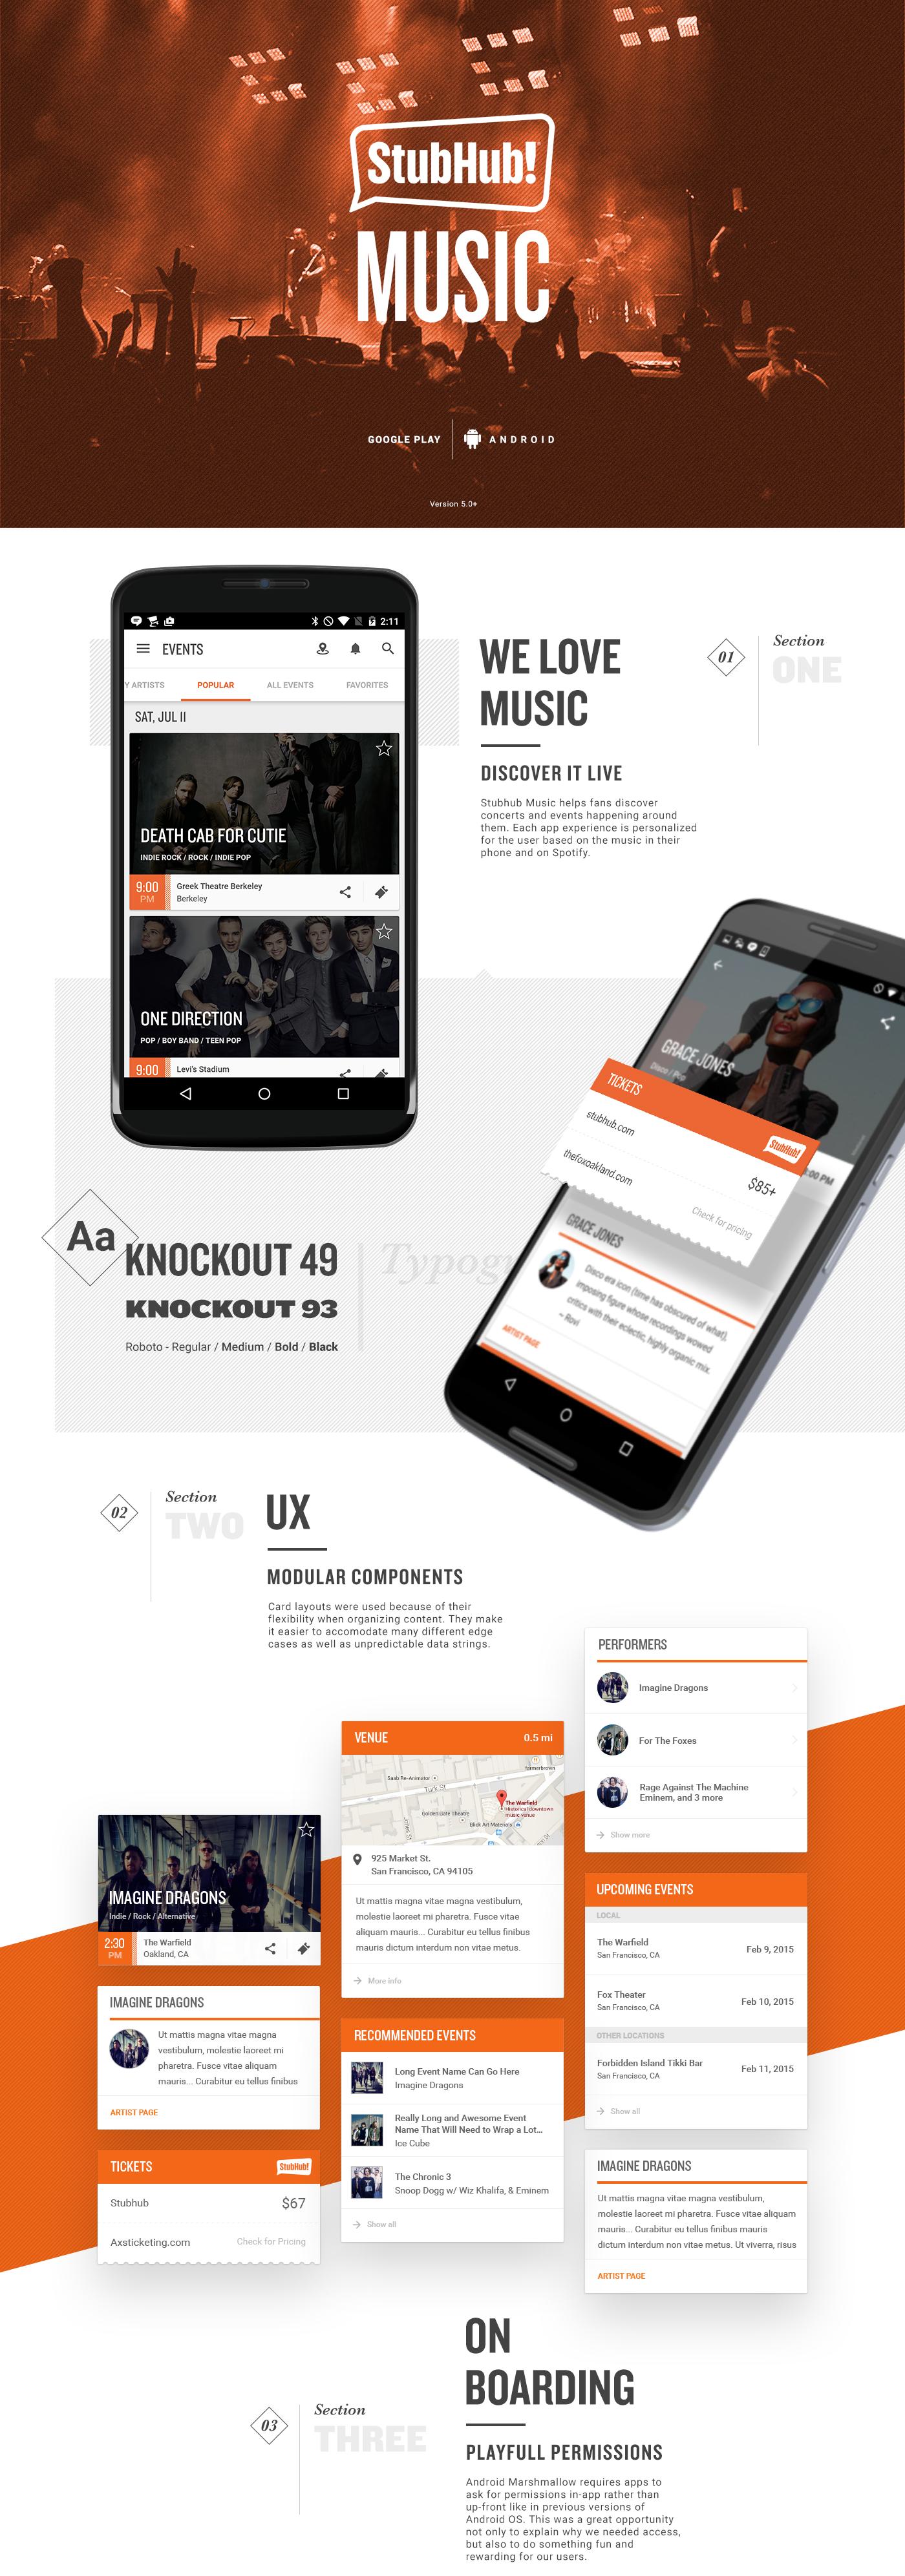 Stubhub Music for Android on Behance Stubhub, App design